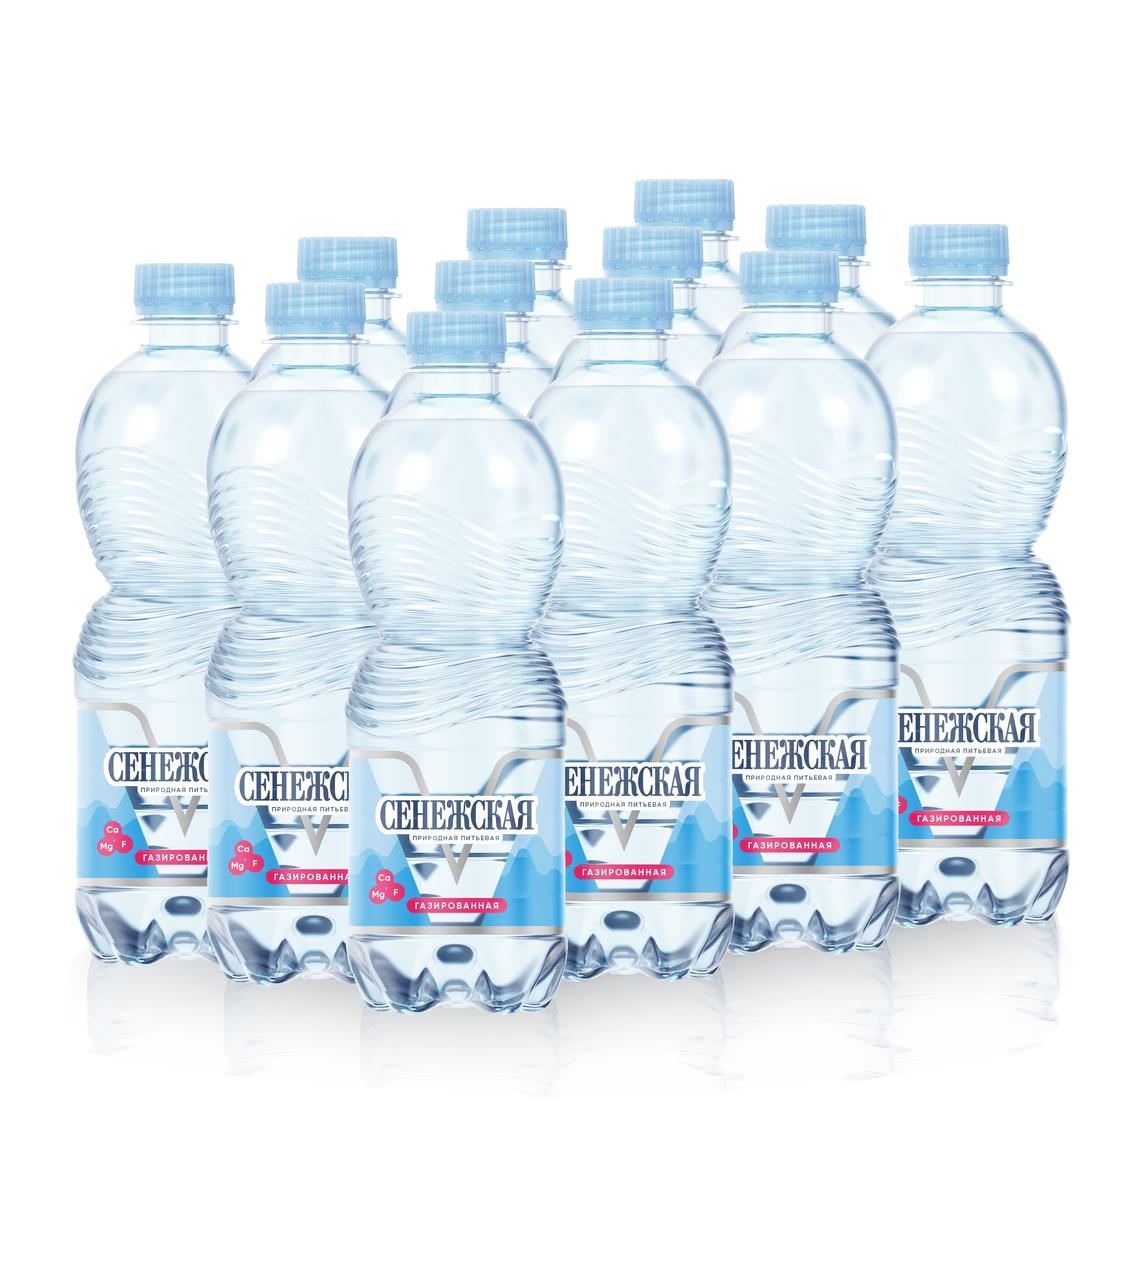 Питьевая вода СЕНЕЖСКАЯ газированная в упаковке, 12*0,5л